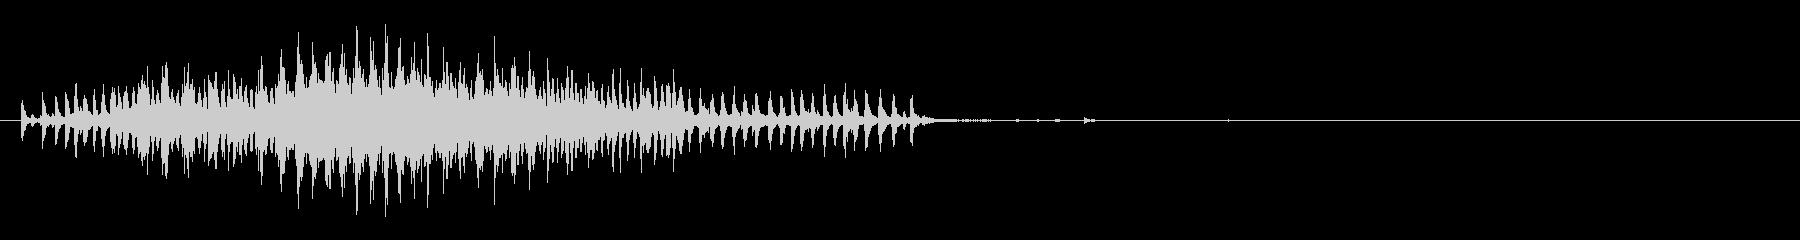 チェーンプーリー:ショートプル、ホ...の未再生の波形